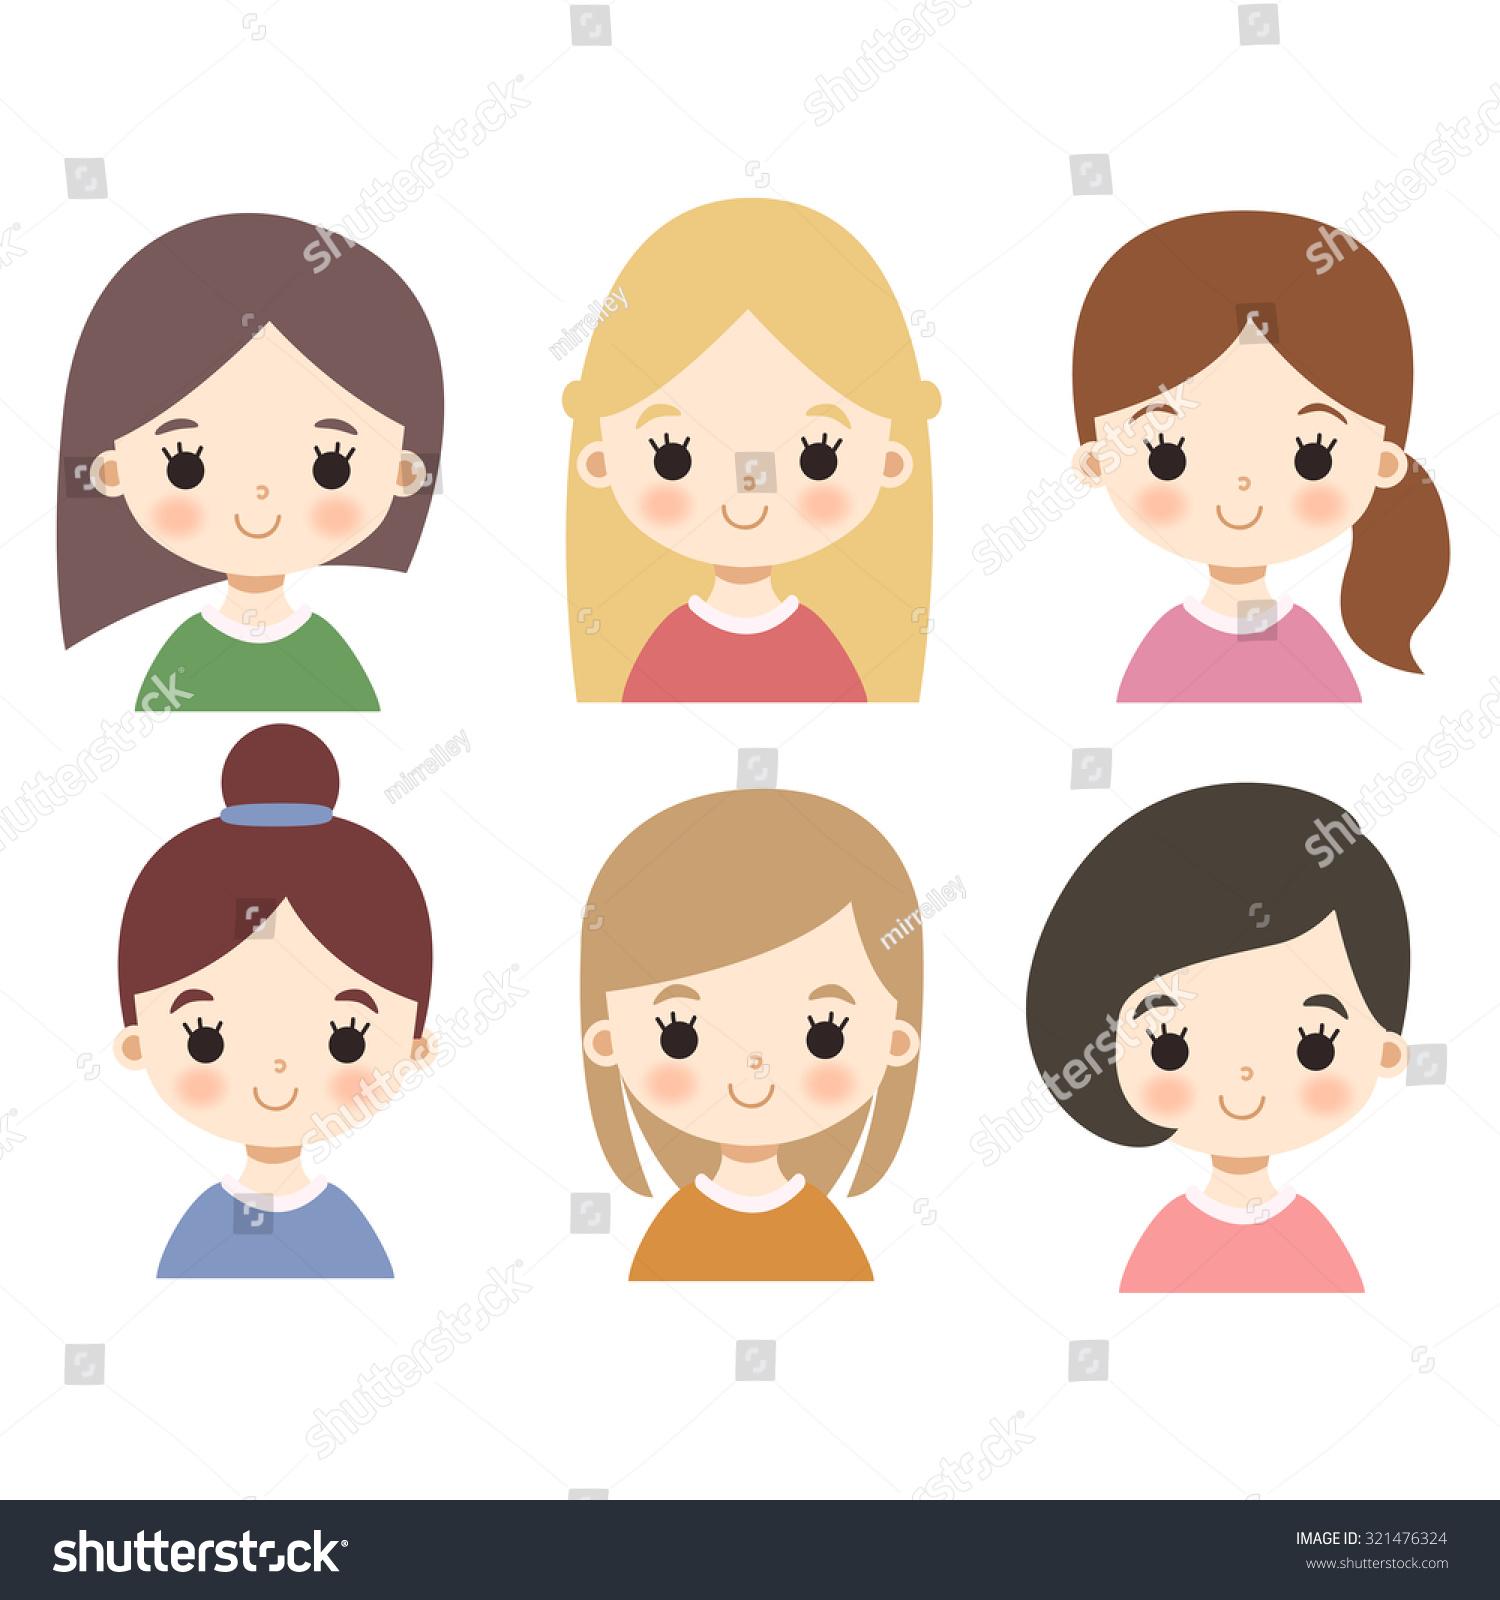 set six cute cartoon girl characters stock vector hd (royalty free